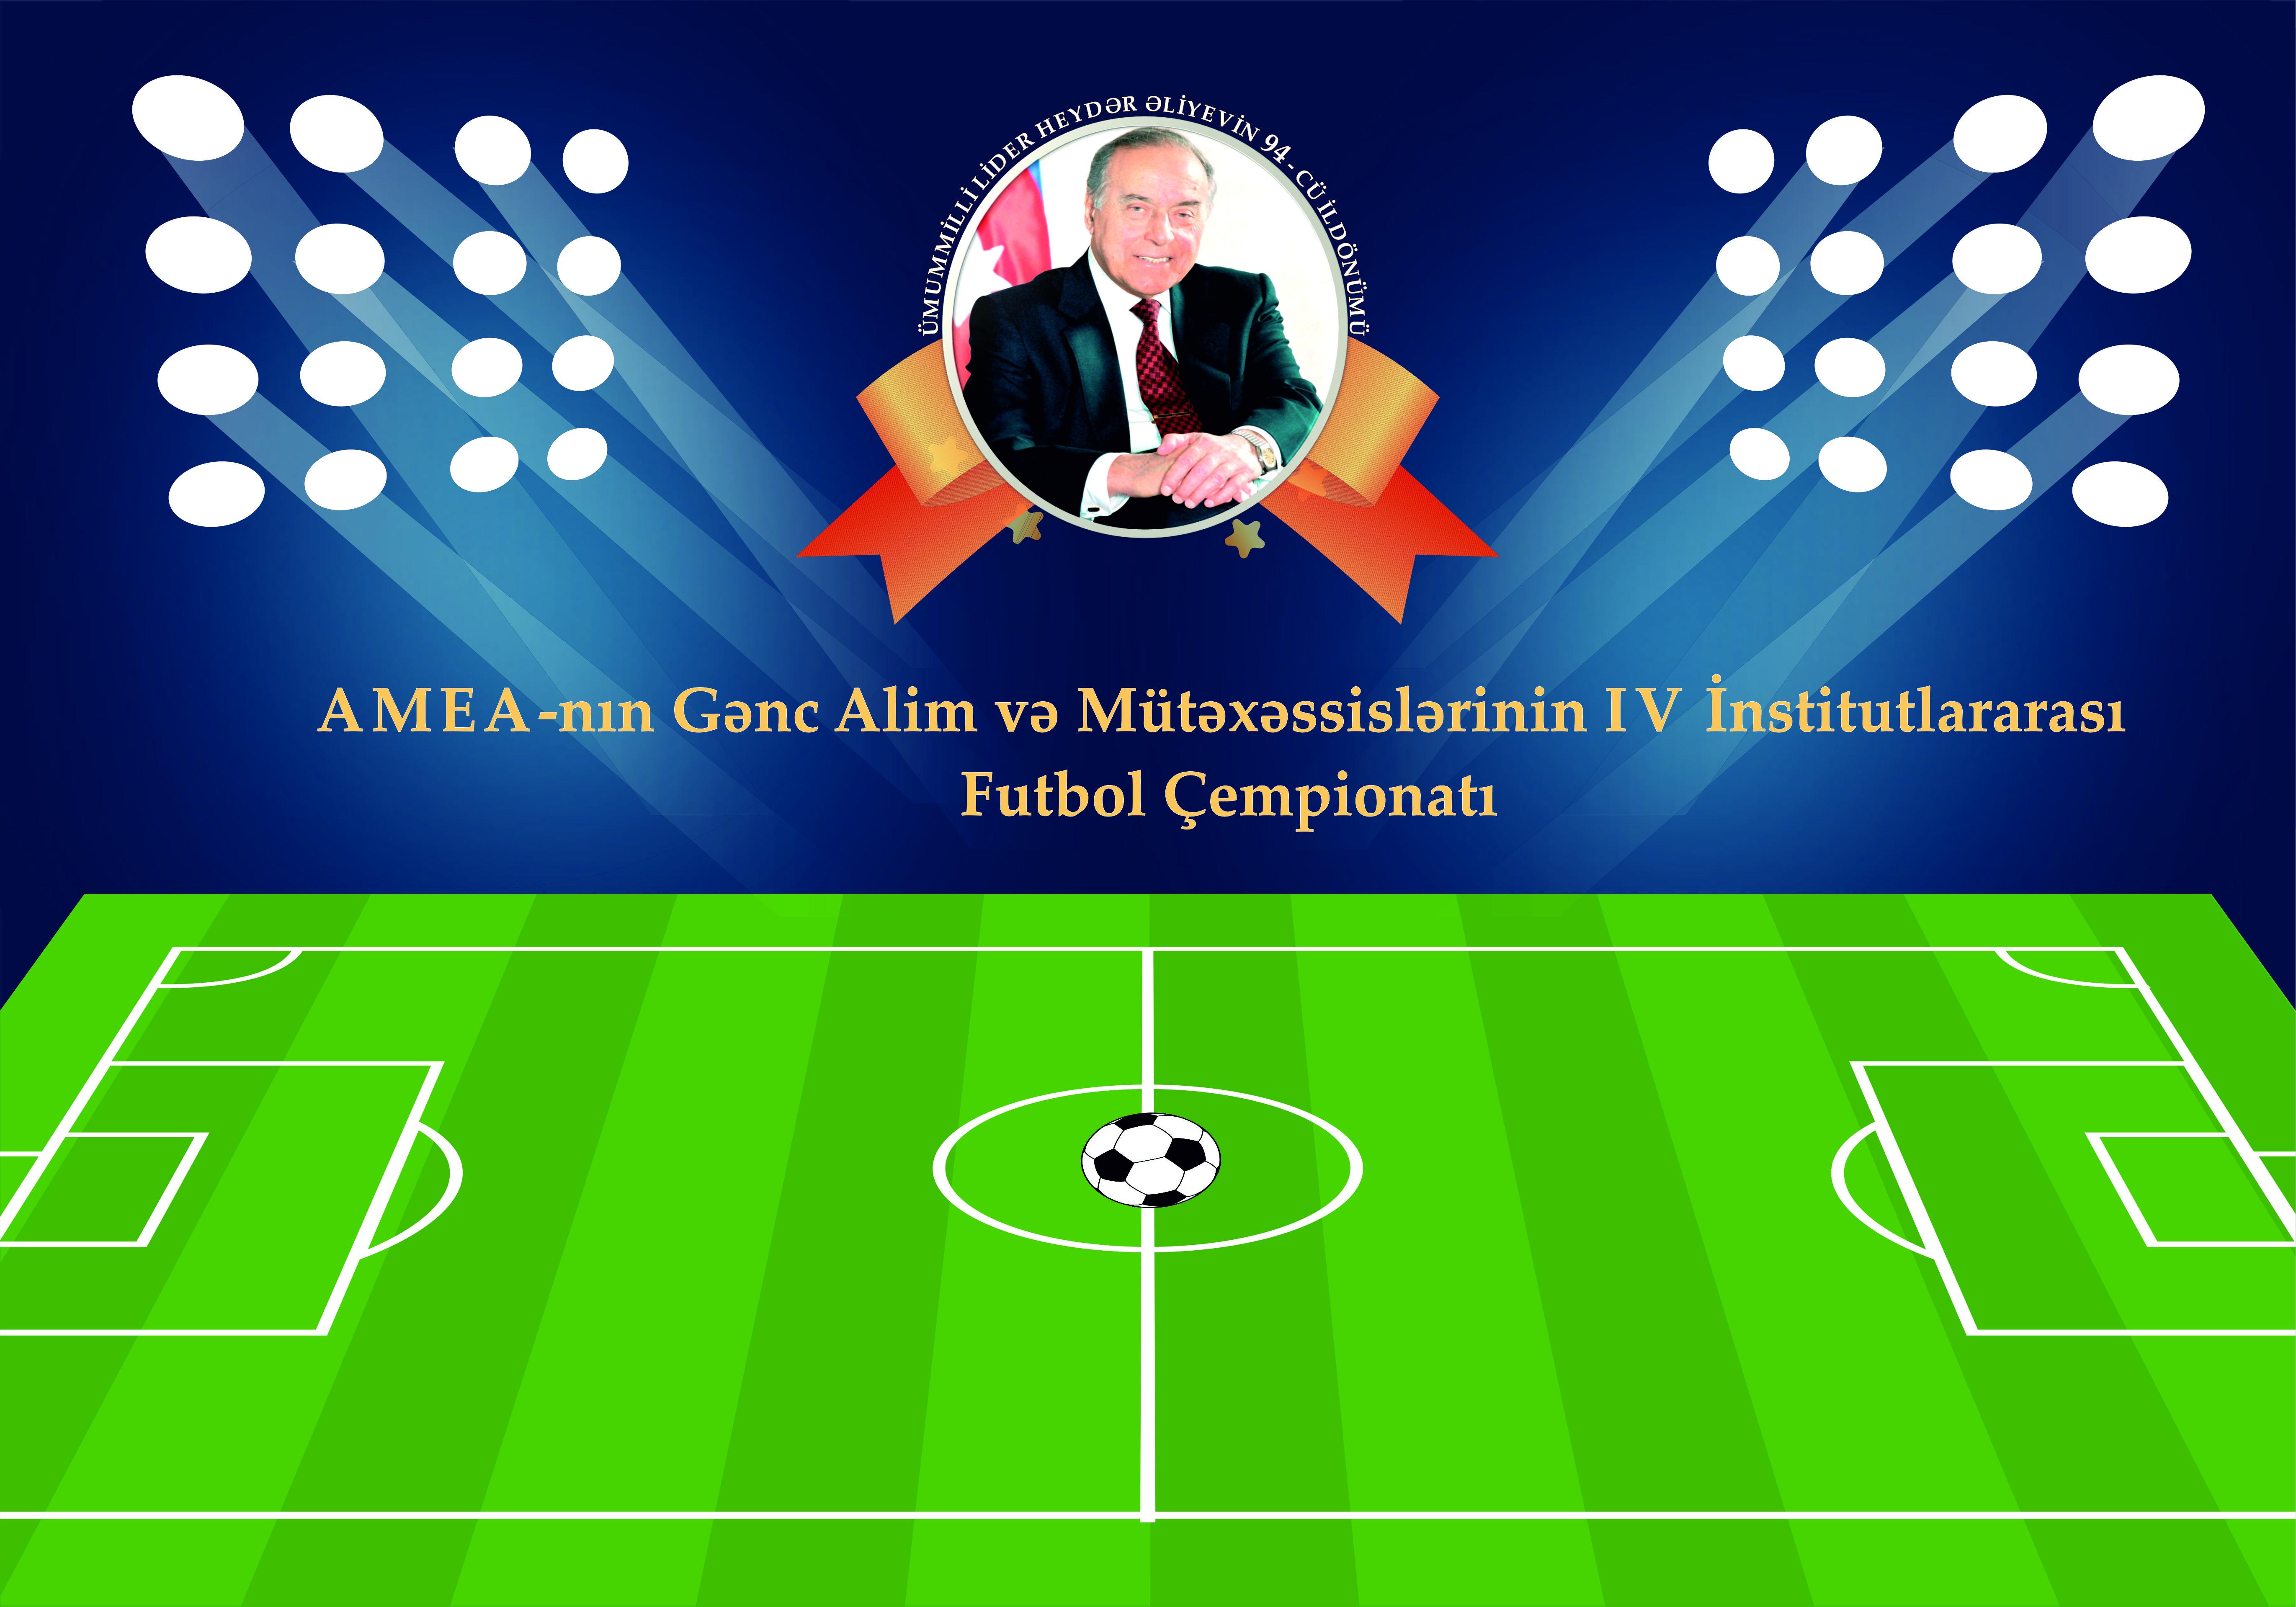 Gənc alim və mütəxəssislərin IV institutlararası futbol çempionatında növbəti həyəcan başlayır!!!